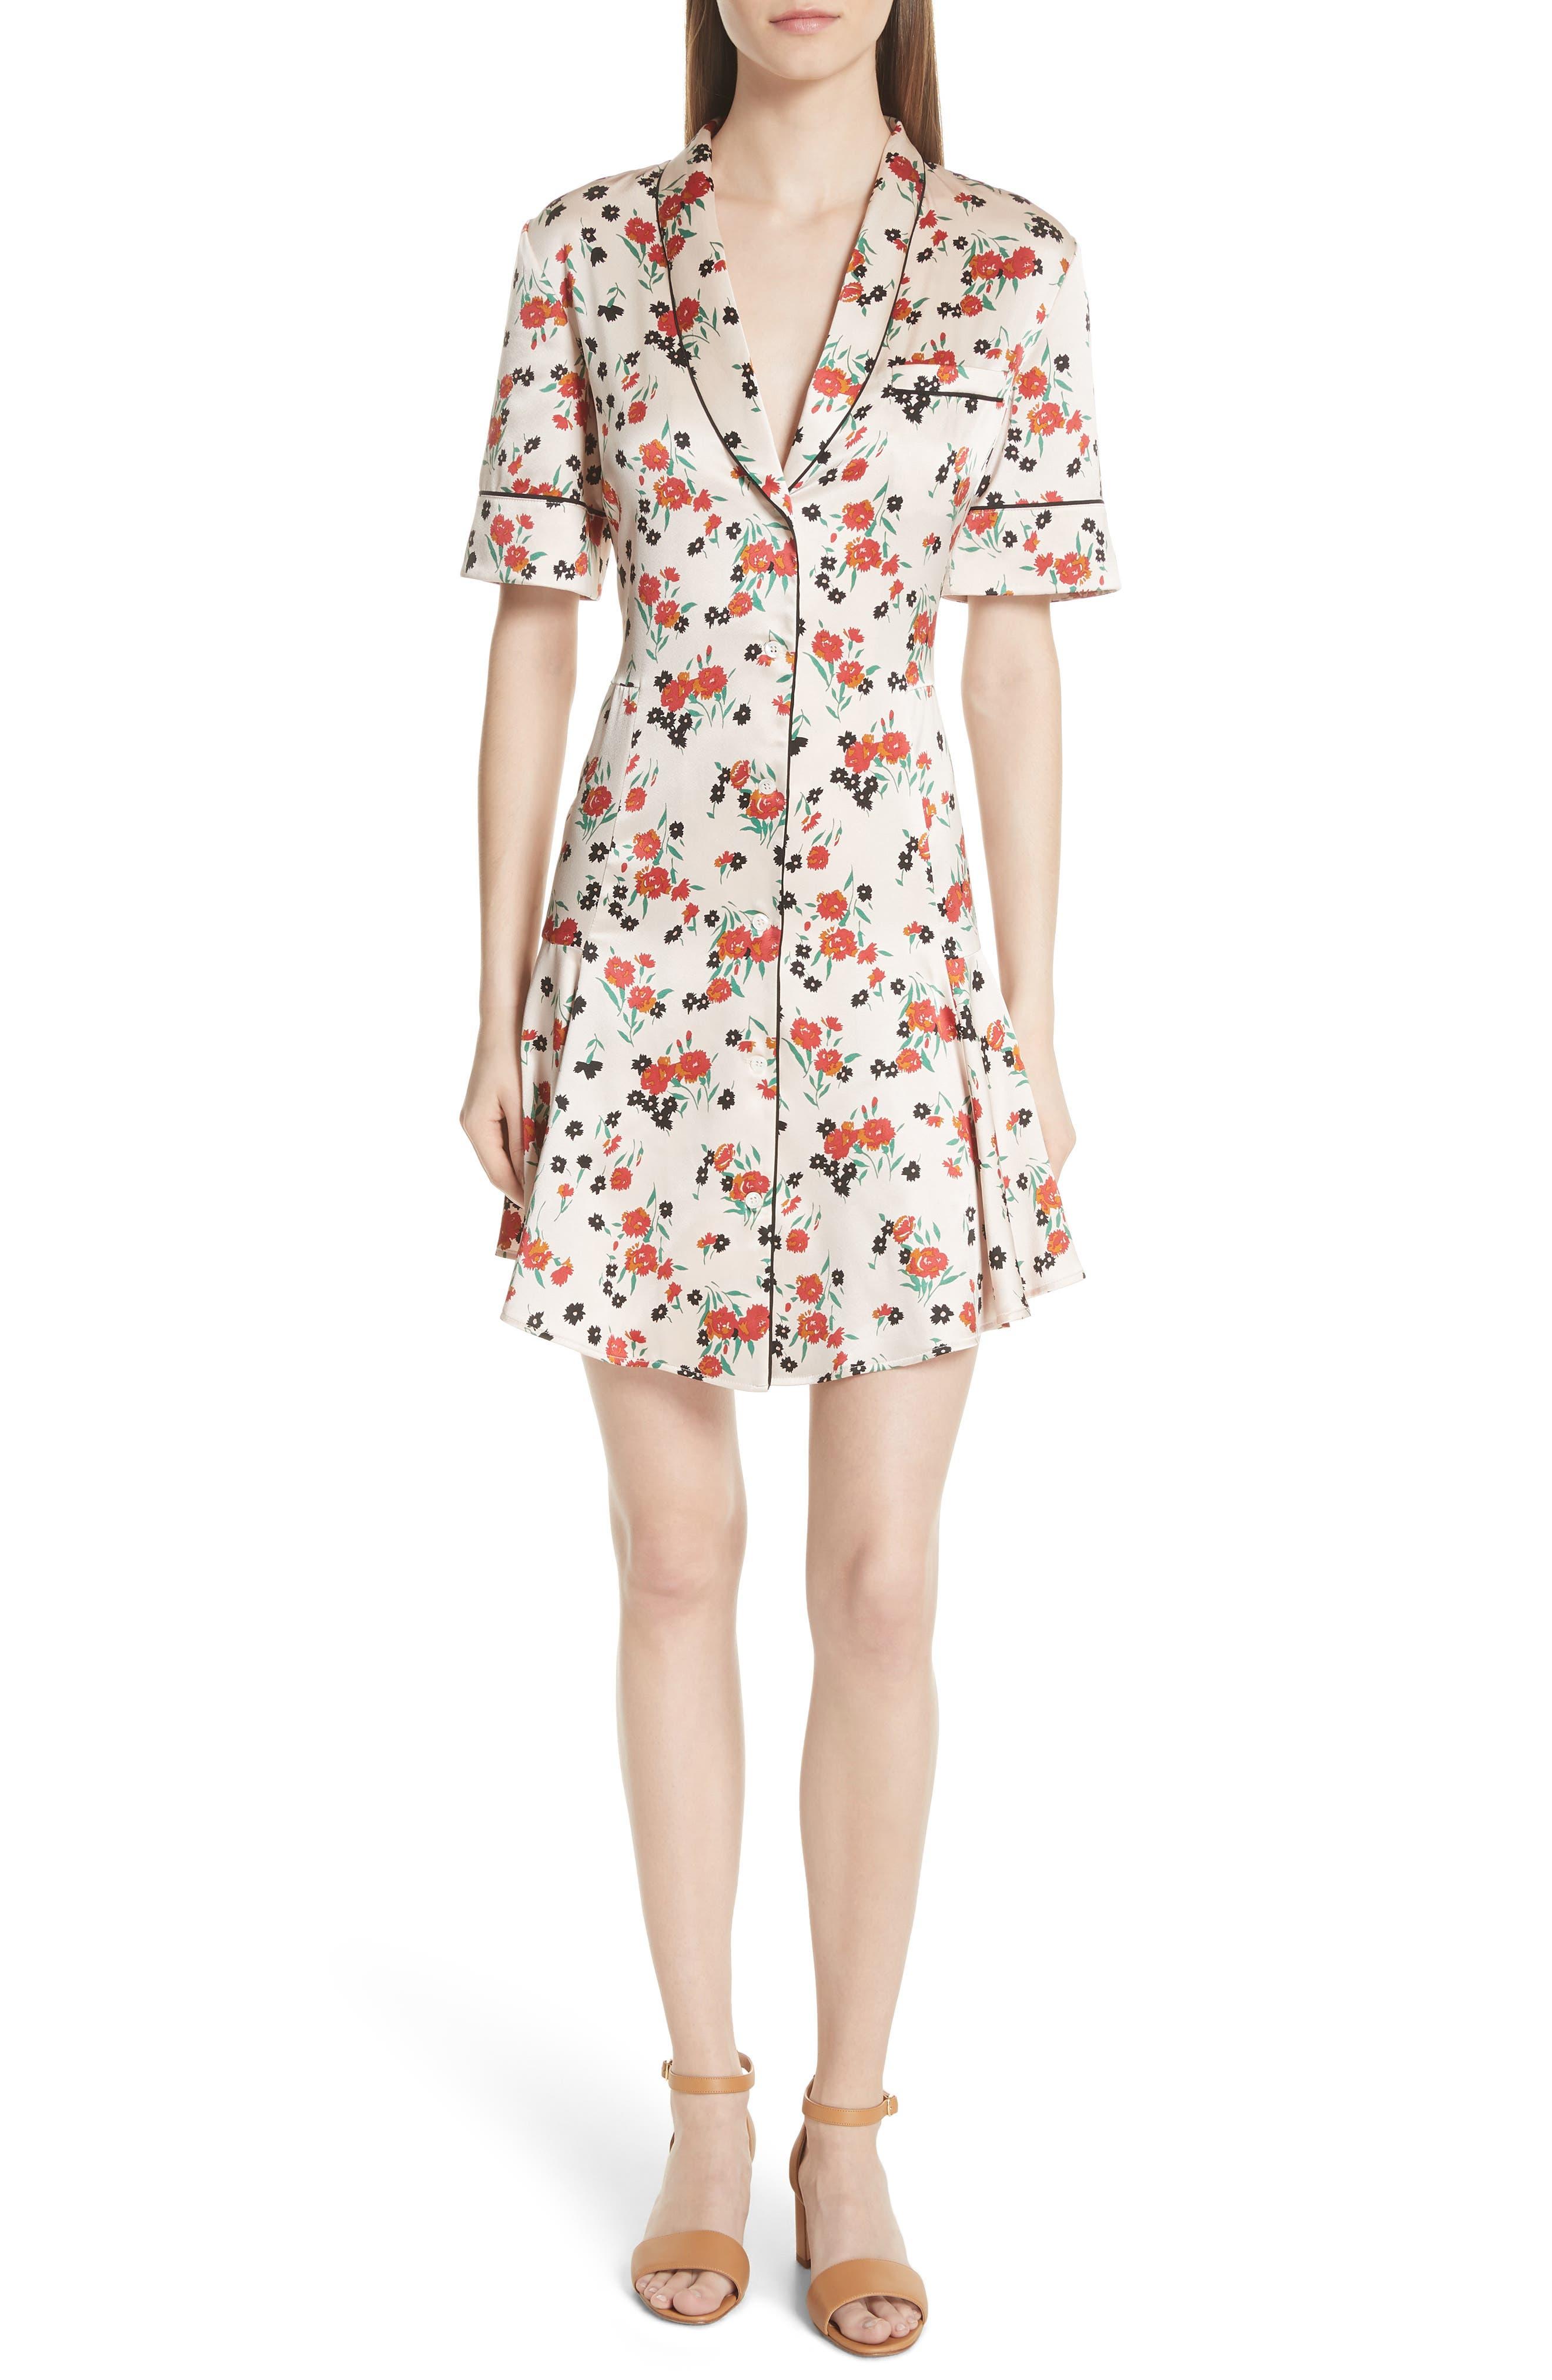 A.l.c. Ruthie Floral Print Stretch Silk Dress, Pink